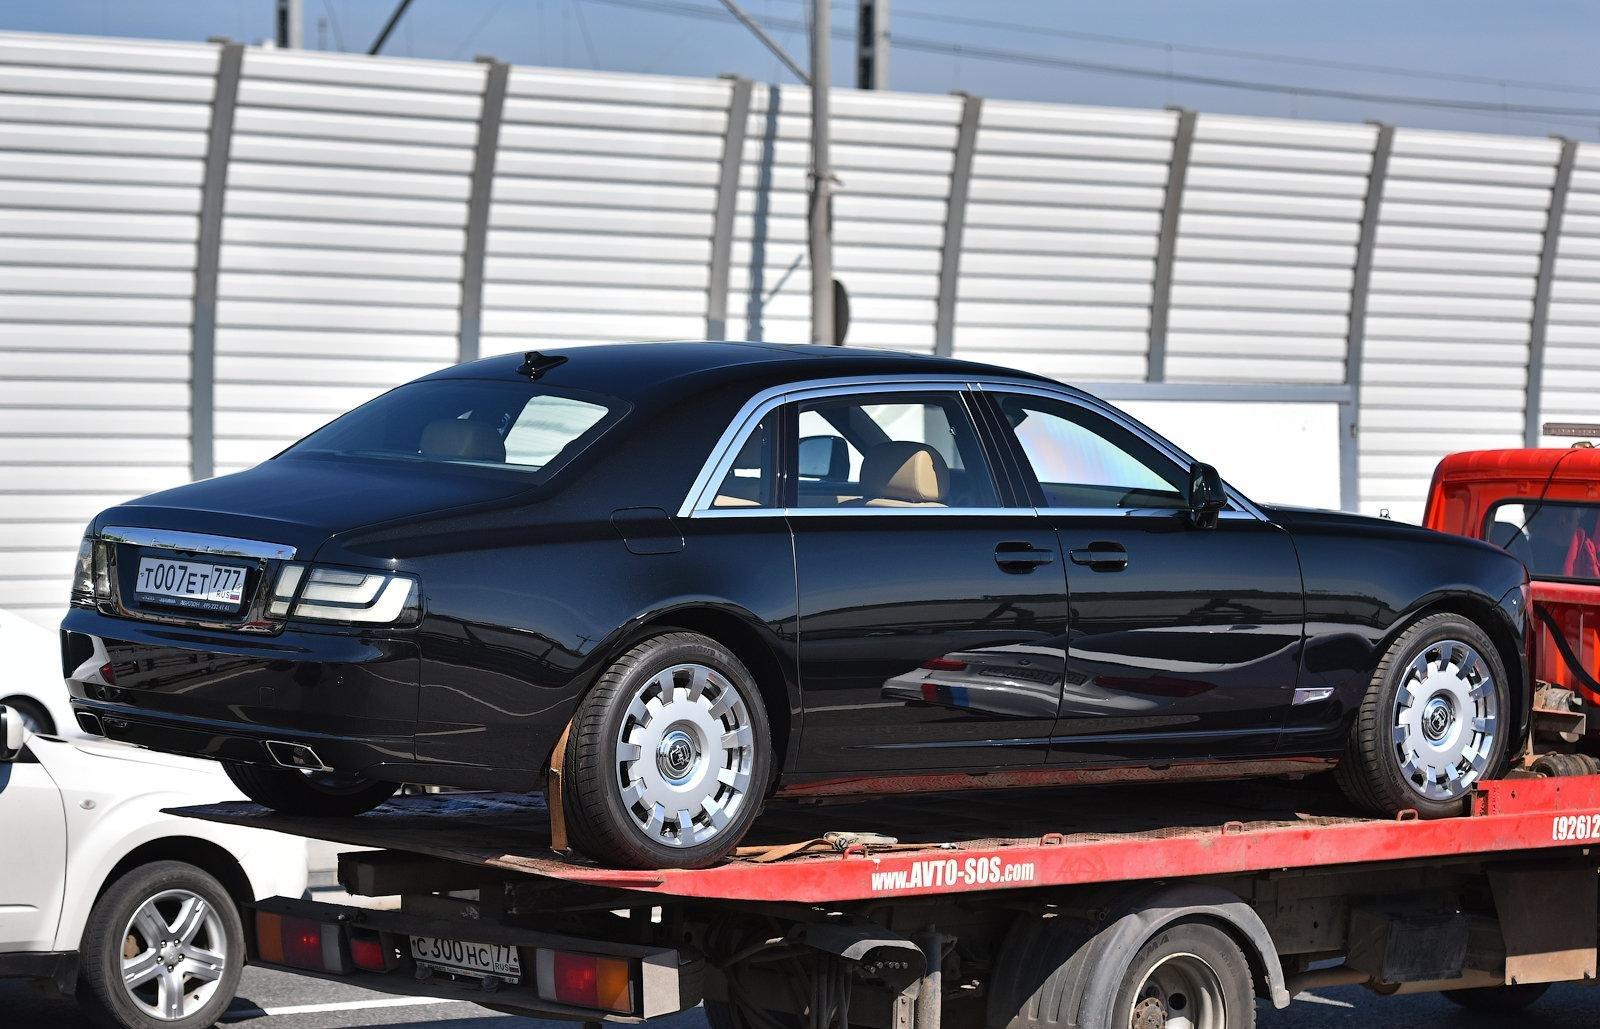 В Москве обнаружили необычный лимузин Rolls-Royce с элементами ЗИЛ